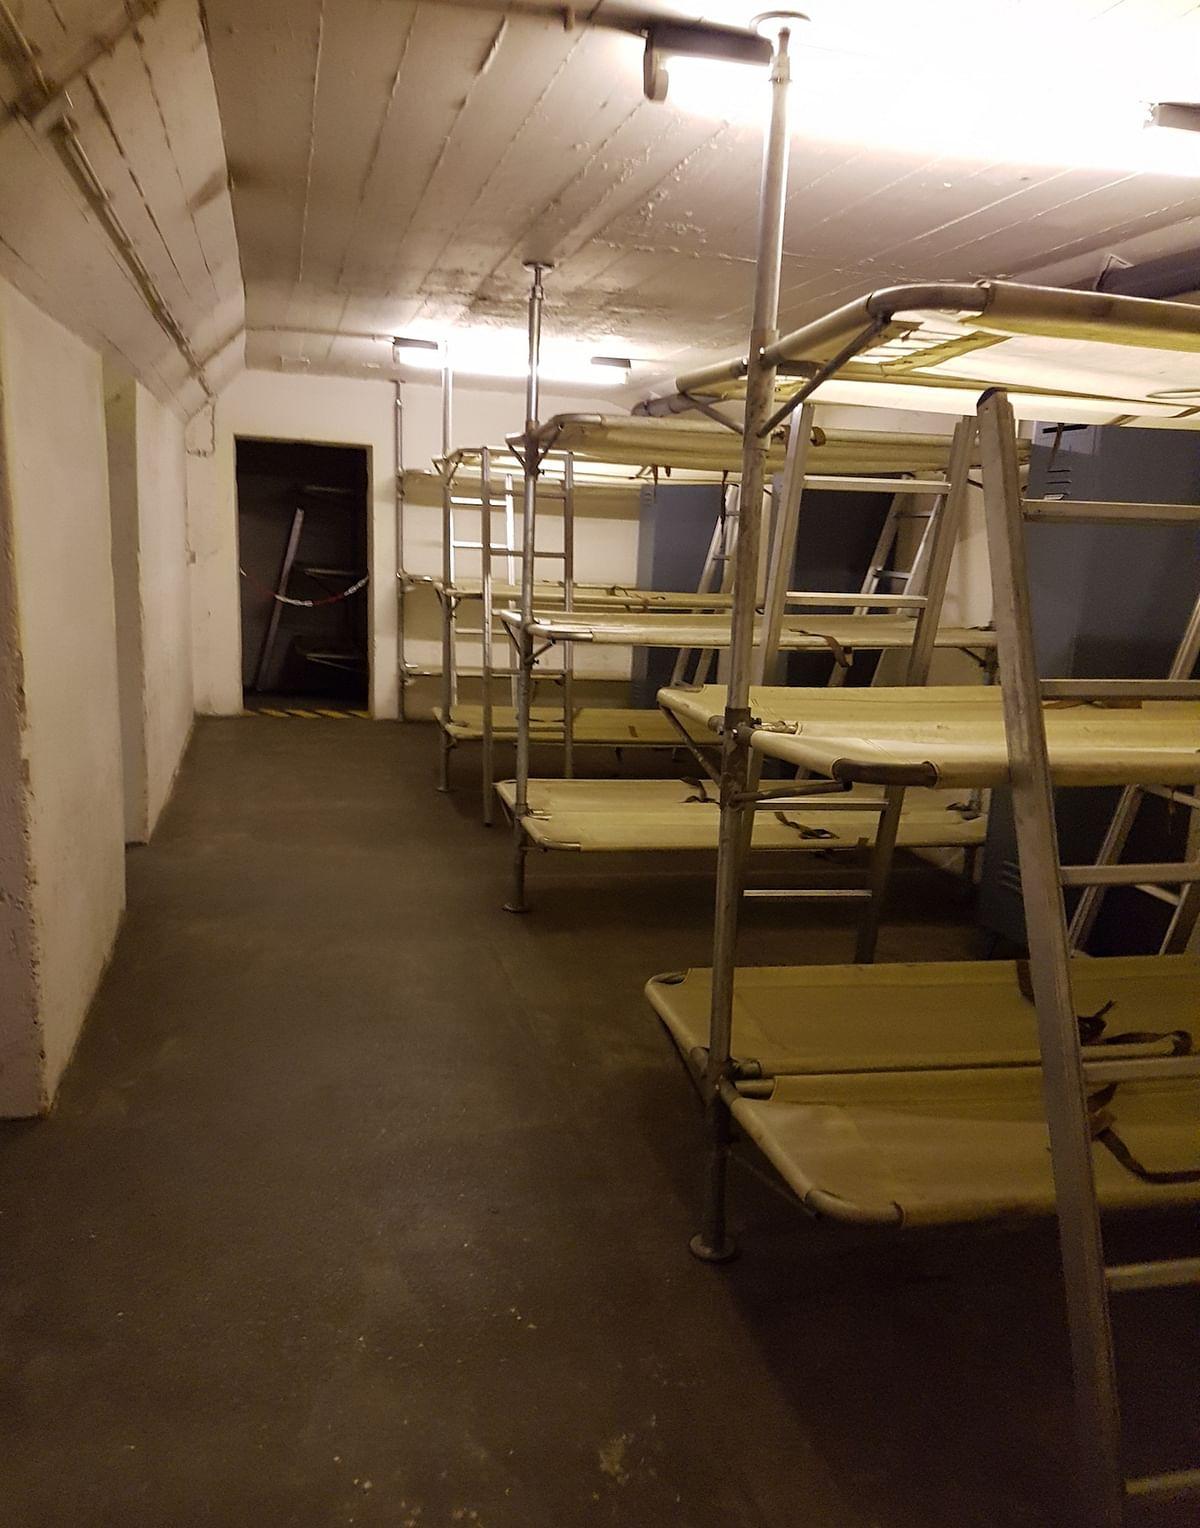 Bunker beds. (Photo Courtesy: Ashwin Rajagopalan)